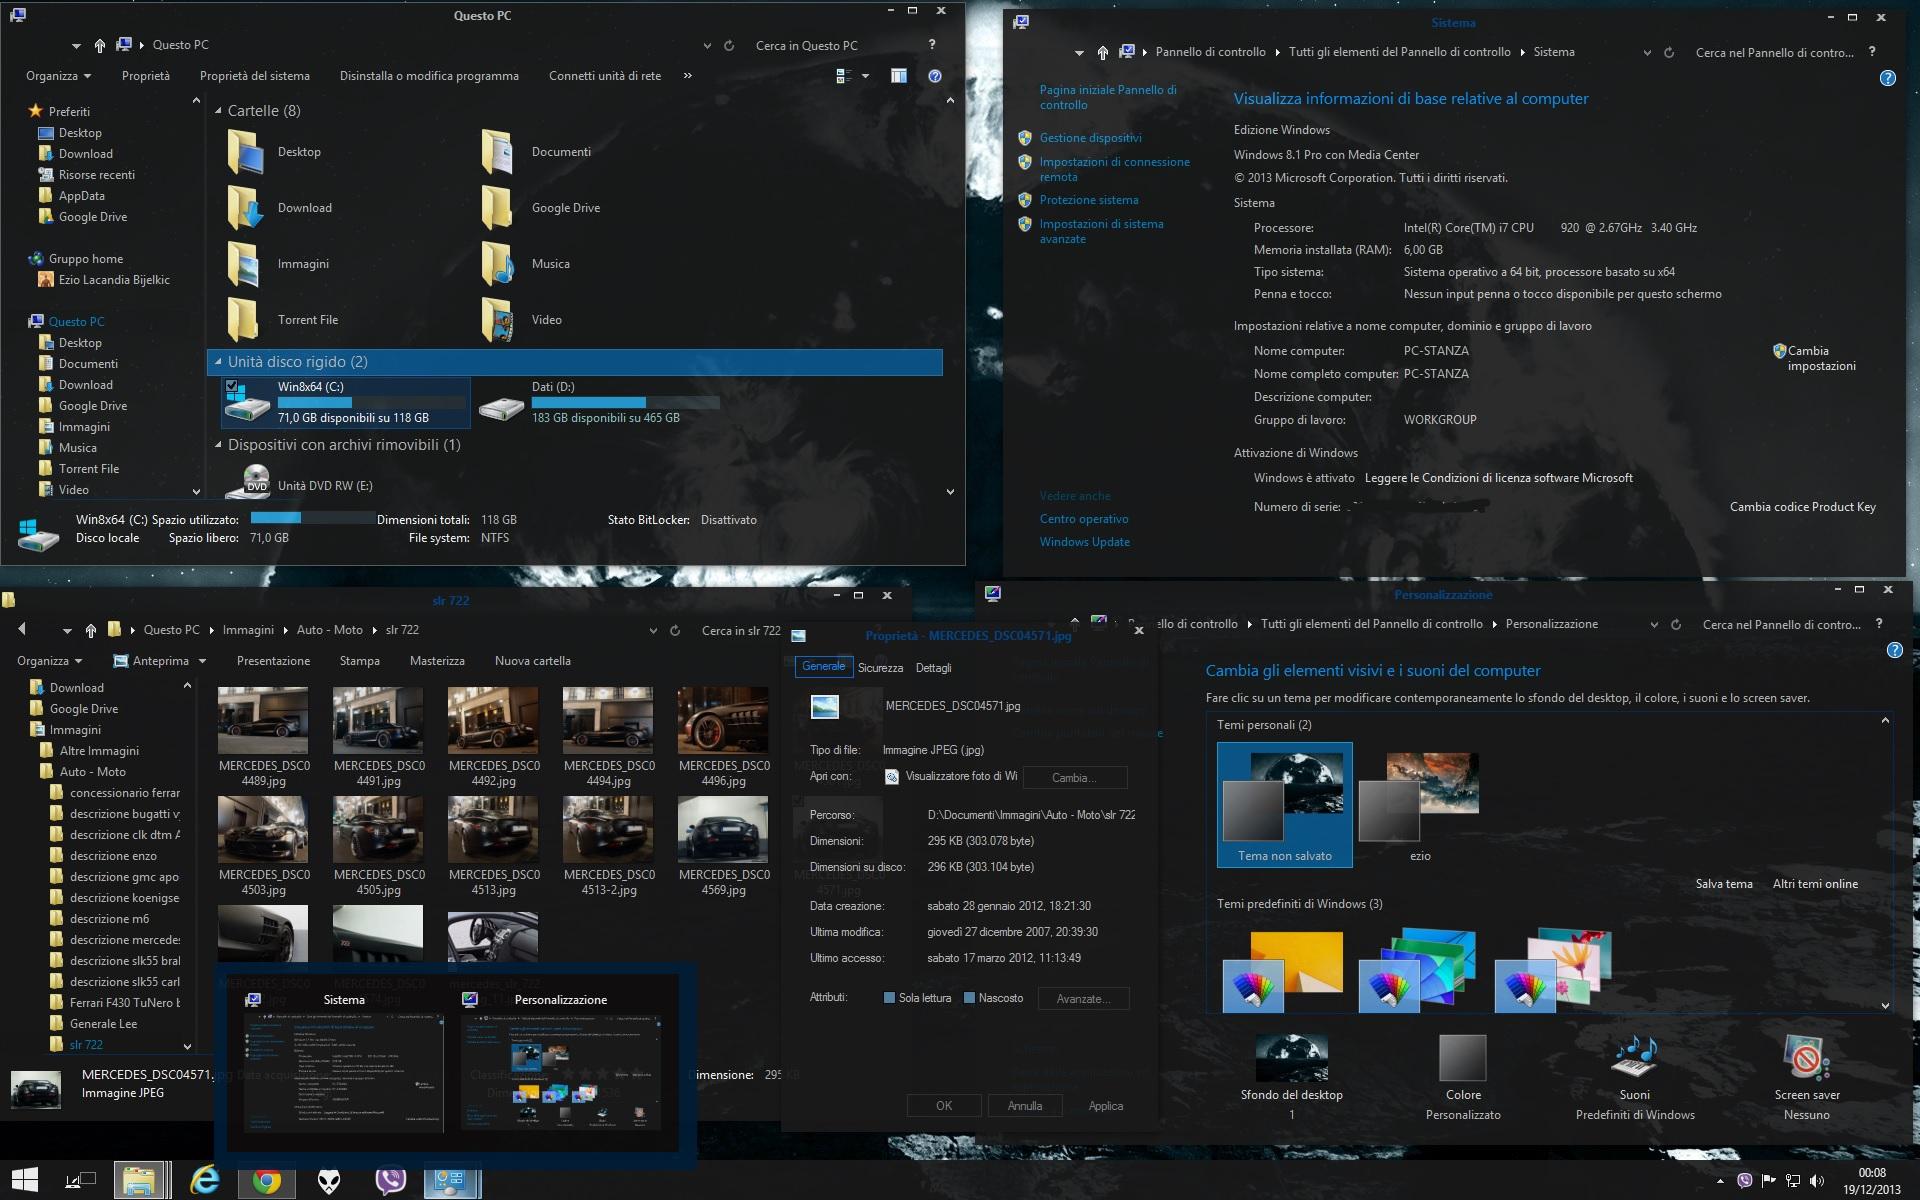 Gray 2014 (dark theme Windows 8.1 Update 1) Upd.11 by ezio